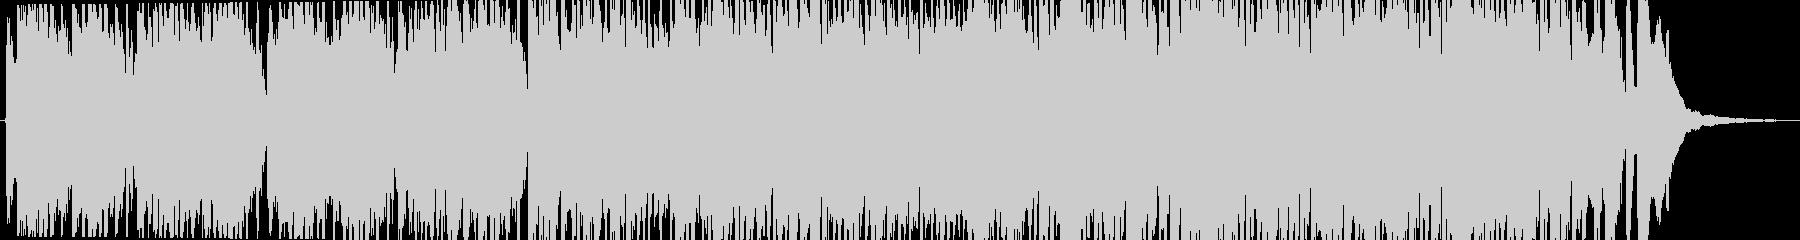 クラシック交響曲 ファンタジー 魔...の未再生の波形